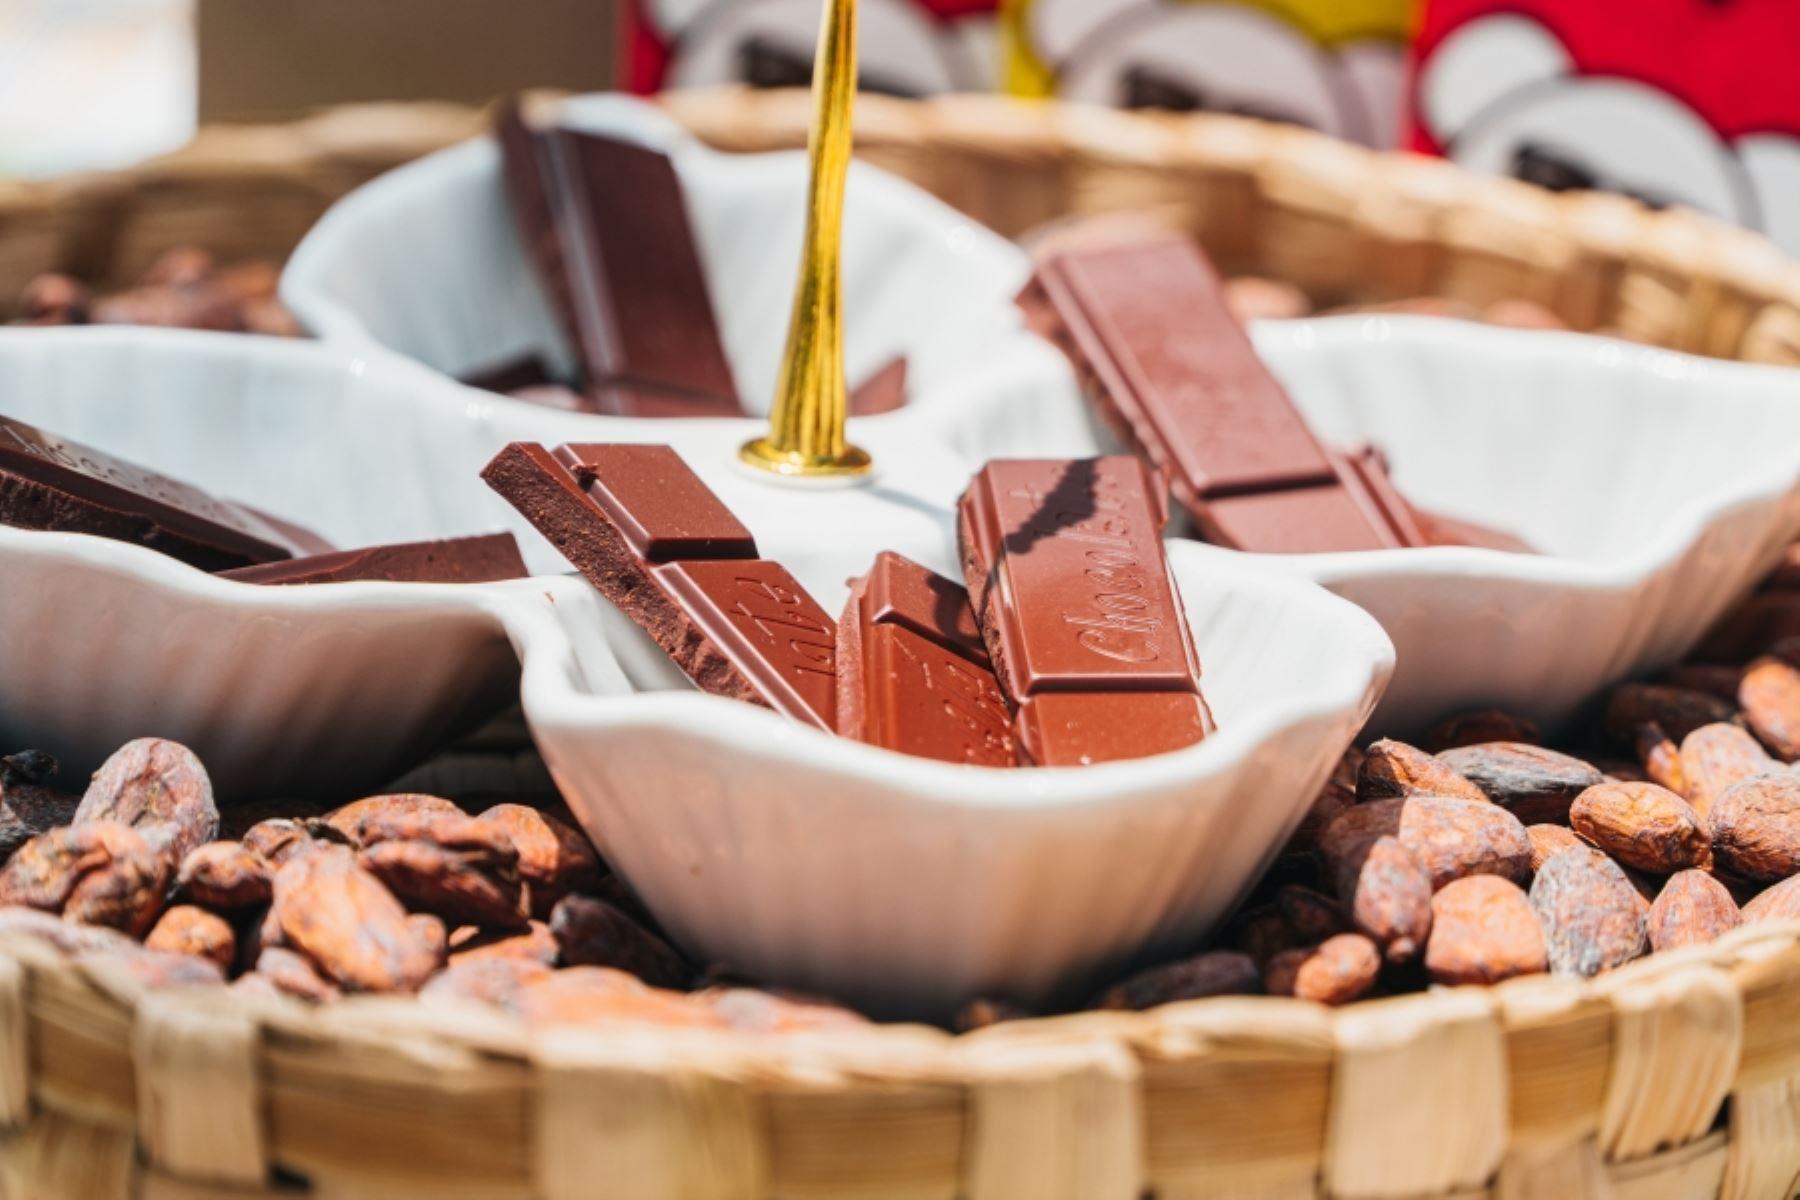 Salón del cacao y chocolate regresa este jueves 15 de julio en edición especial